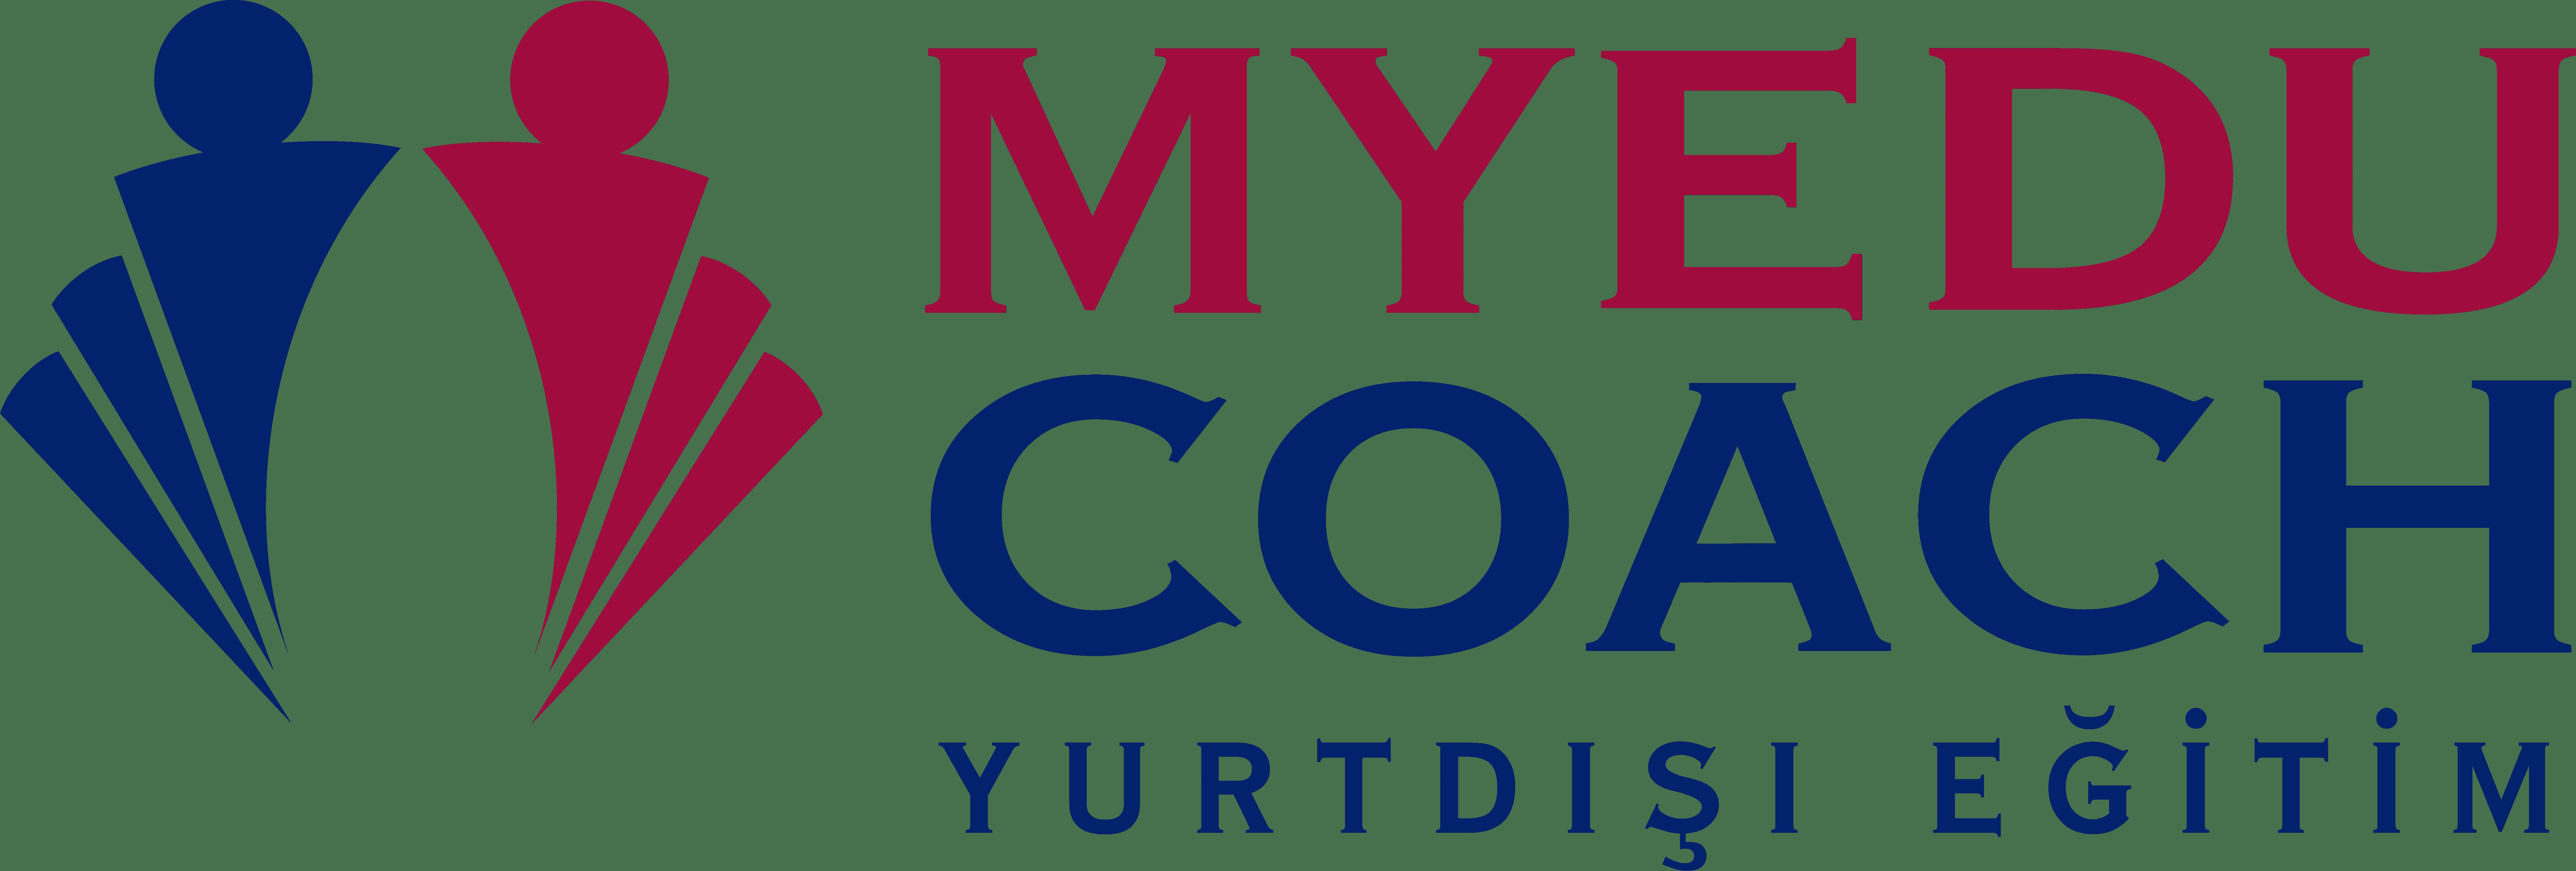 Myeducoach Yurtdışı Eğitim